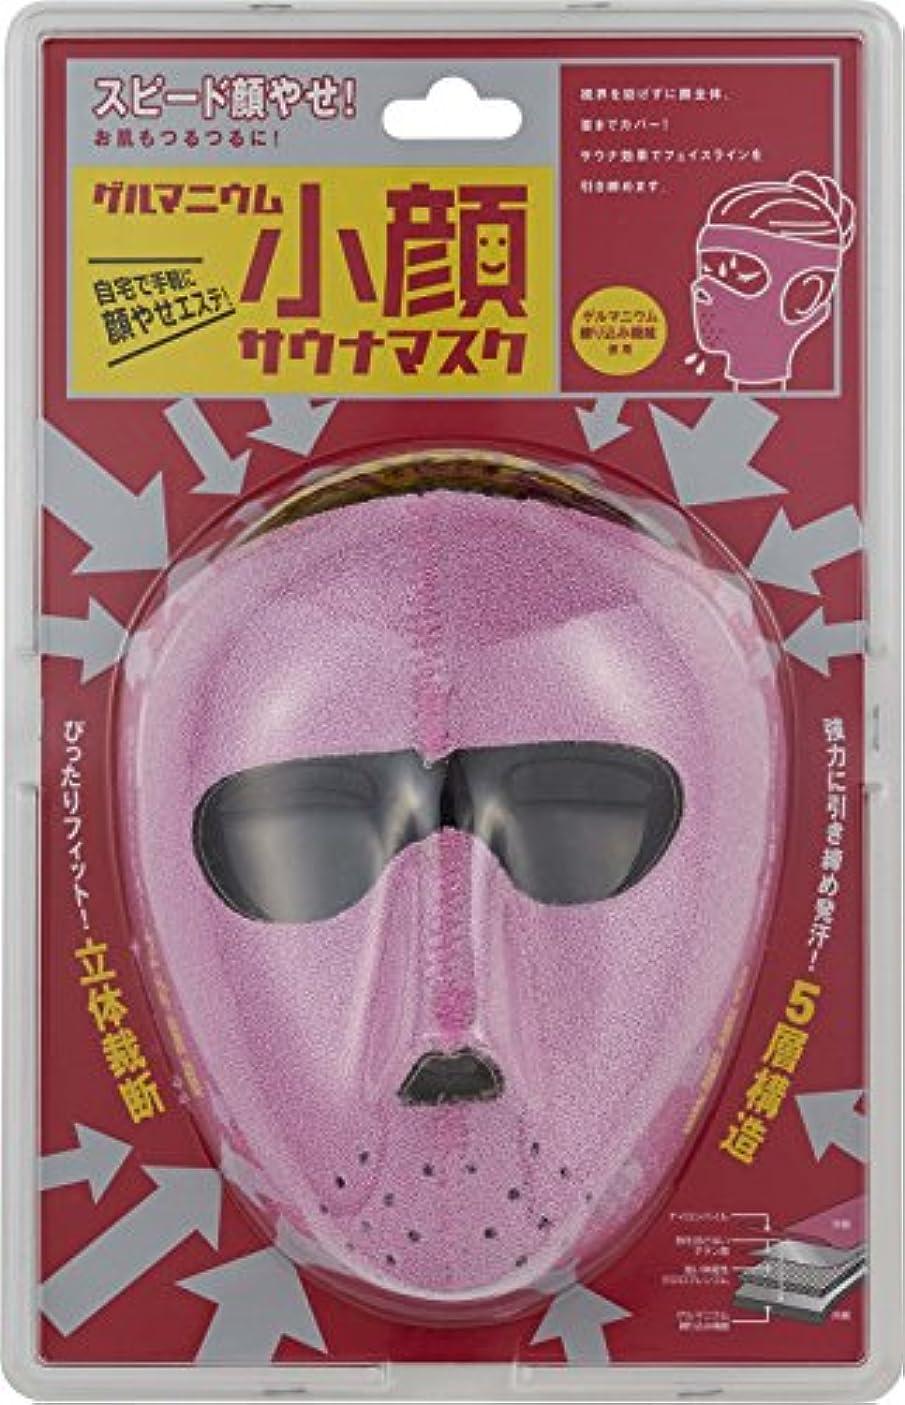 装備する遠洋のワーカーゲルマニウム小顔サウナマスク